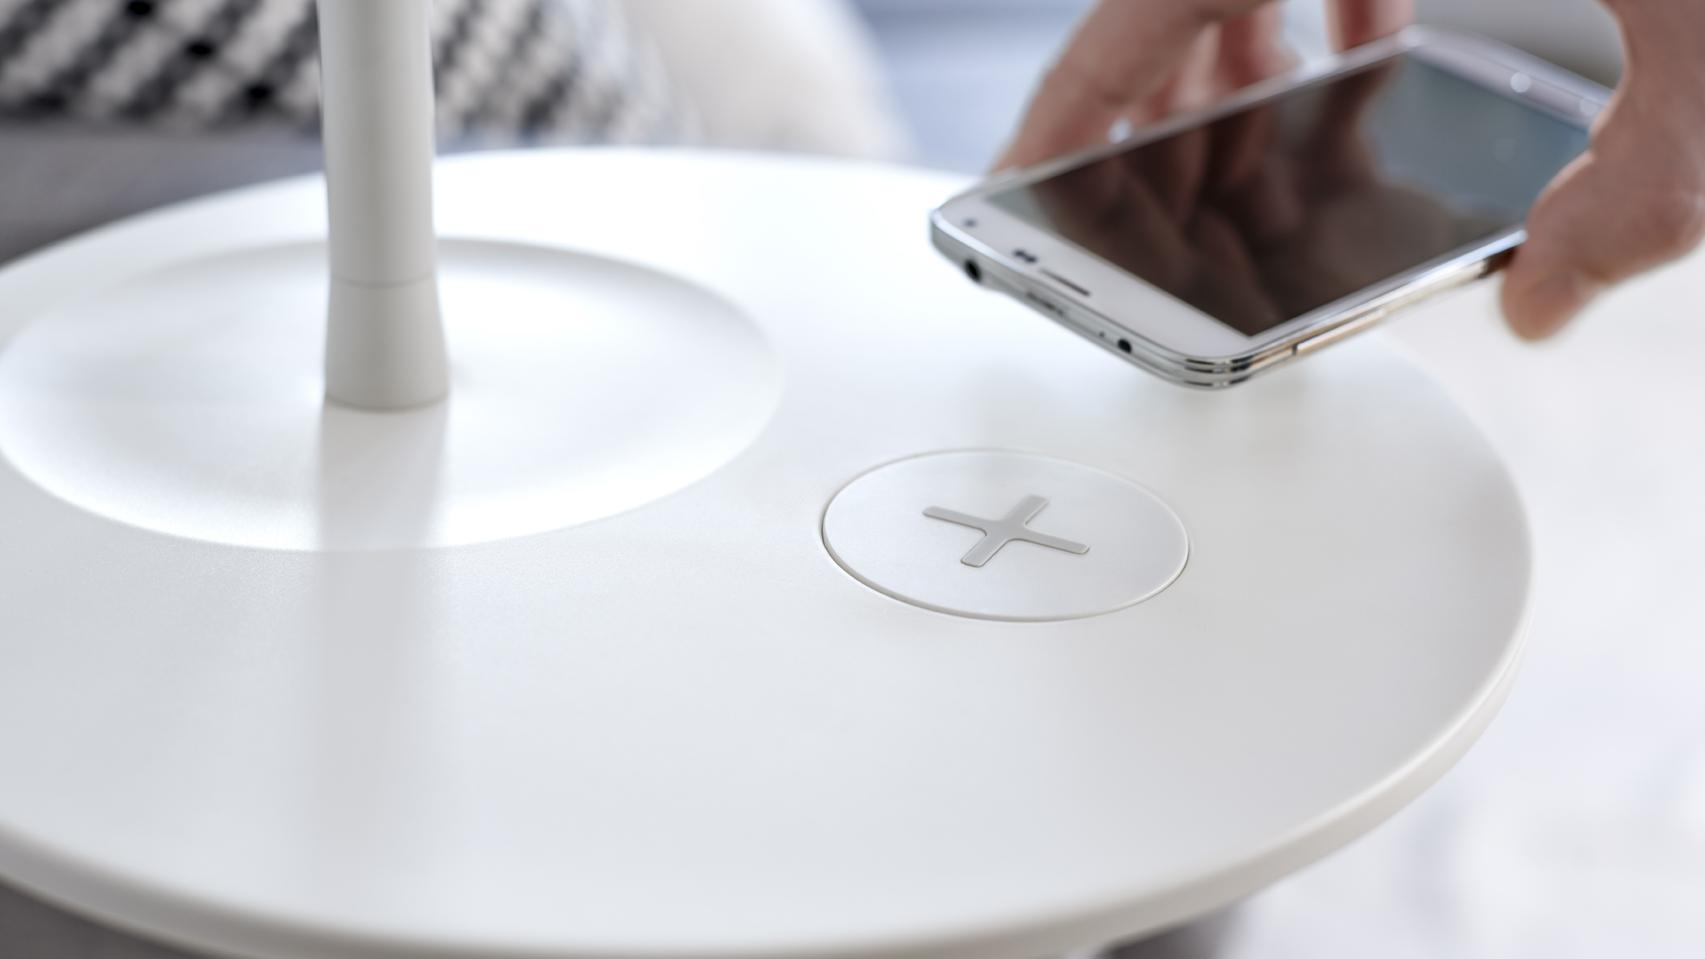 IKEA-meubels krijgen draadloze opladers